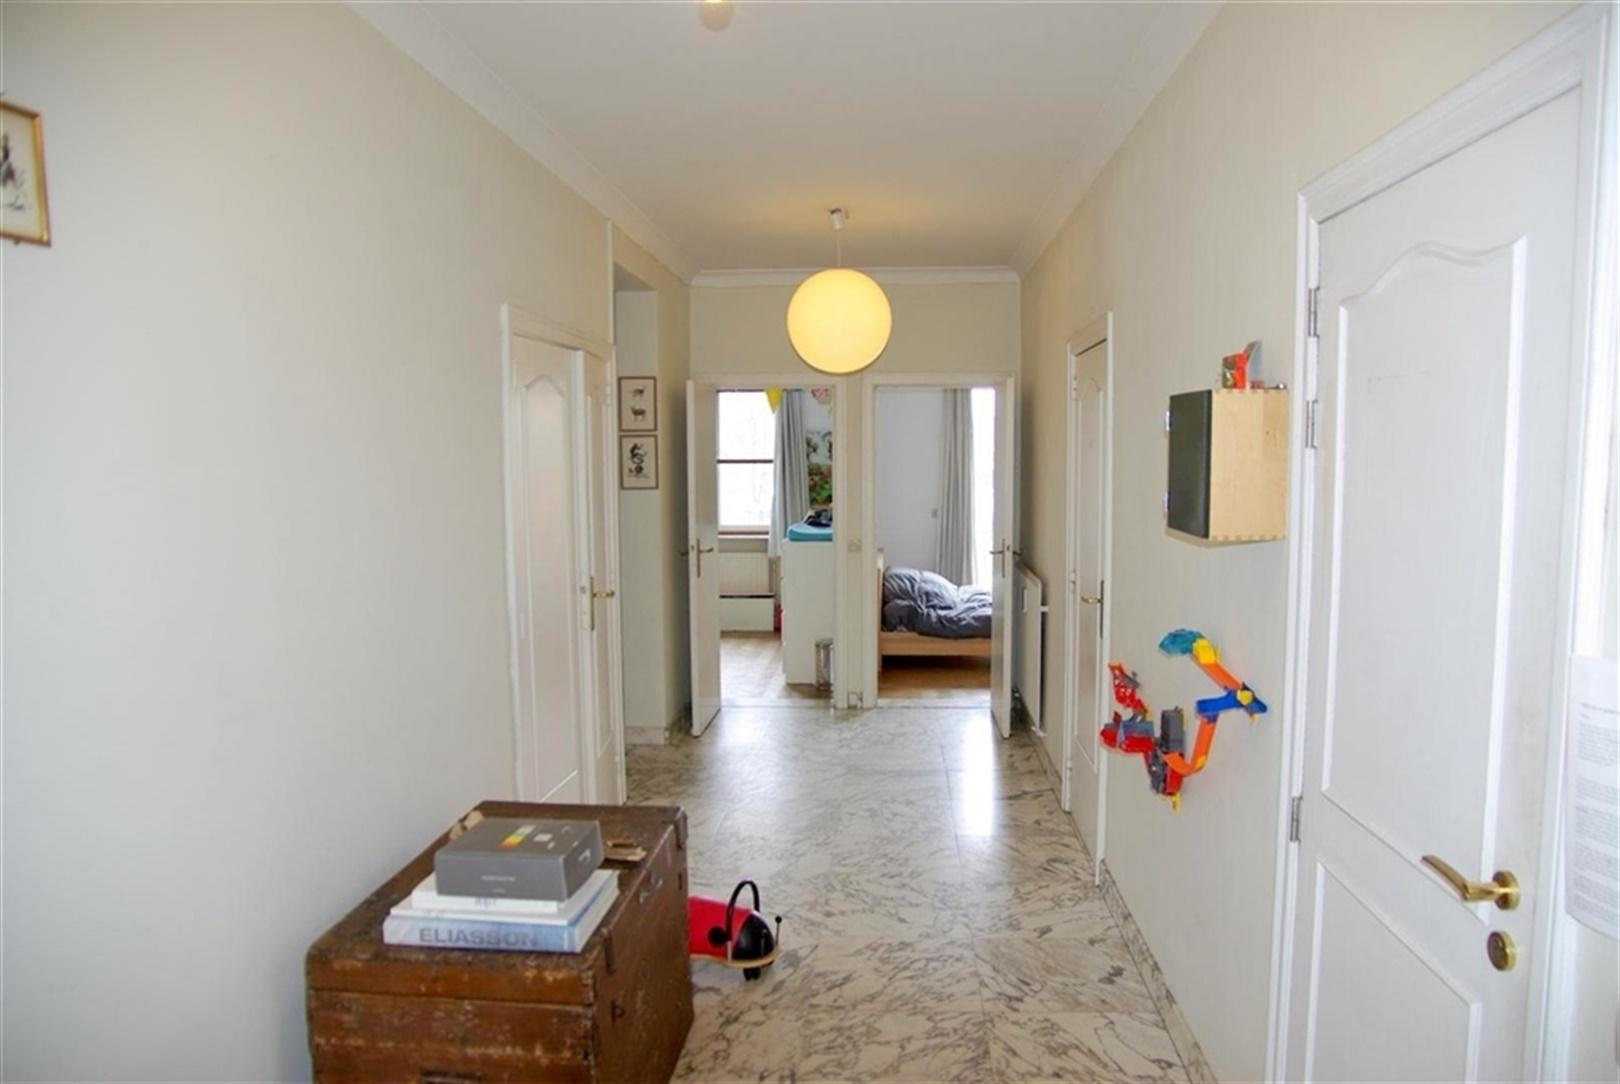 Appartement met zicht op het water woningen en appartementen te koop in gent en de rest van - Deco van het appartement ...